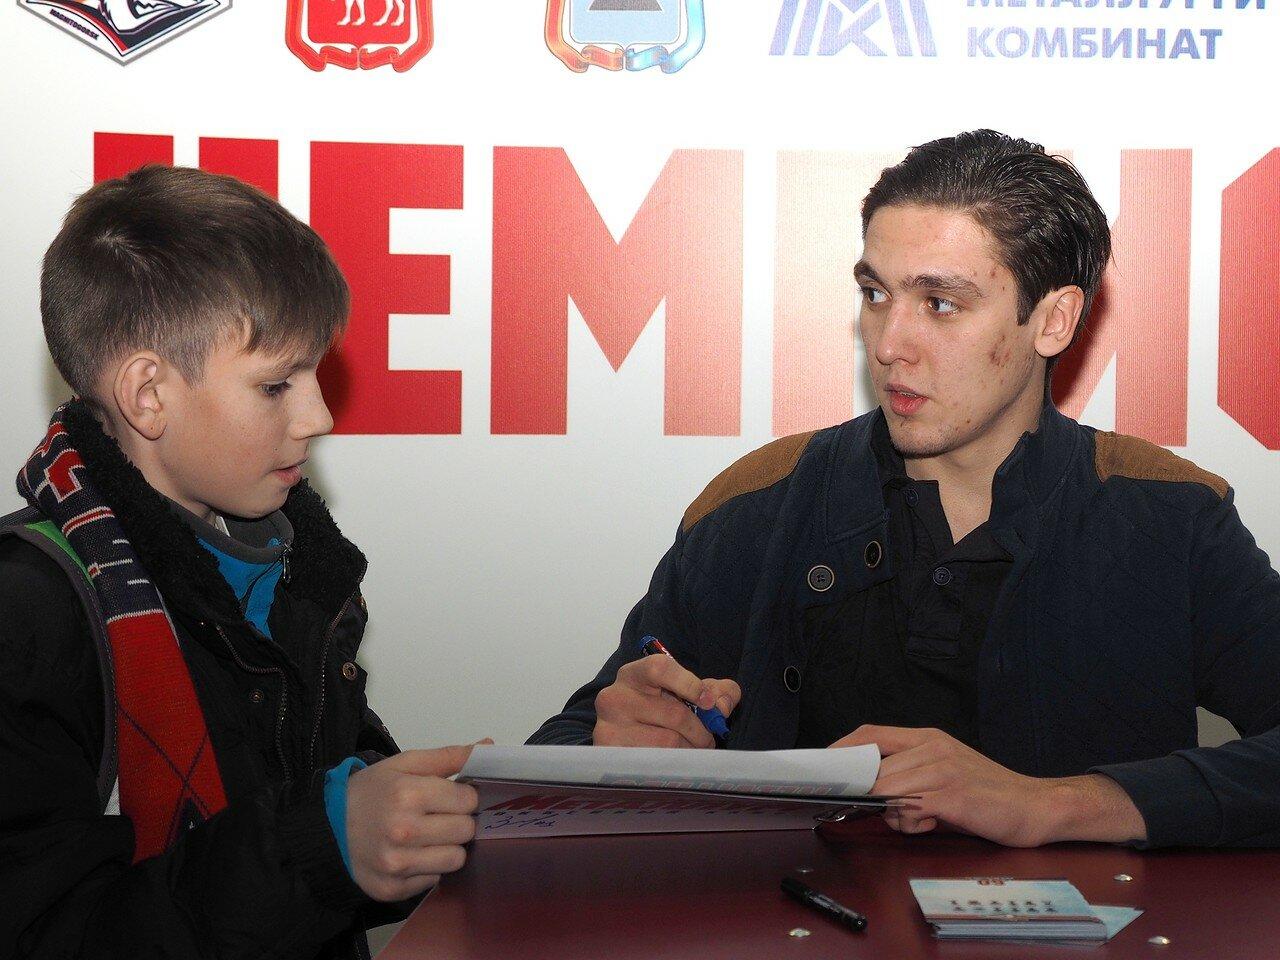 99Металлург - Cпартак 26.12.2015